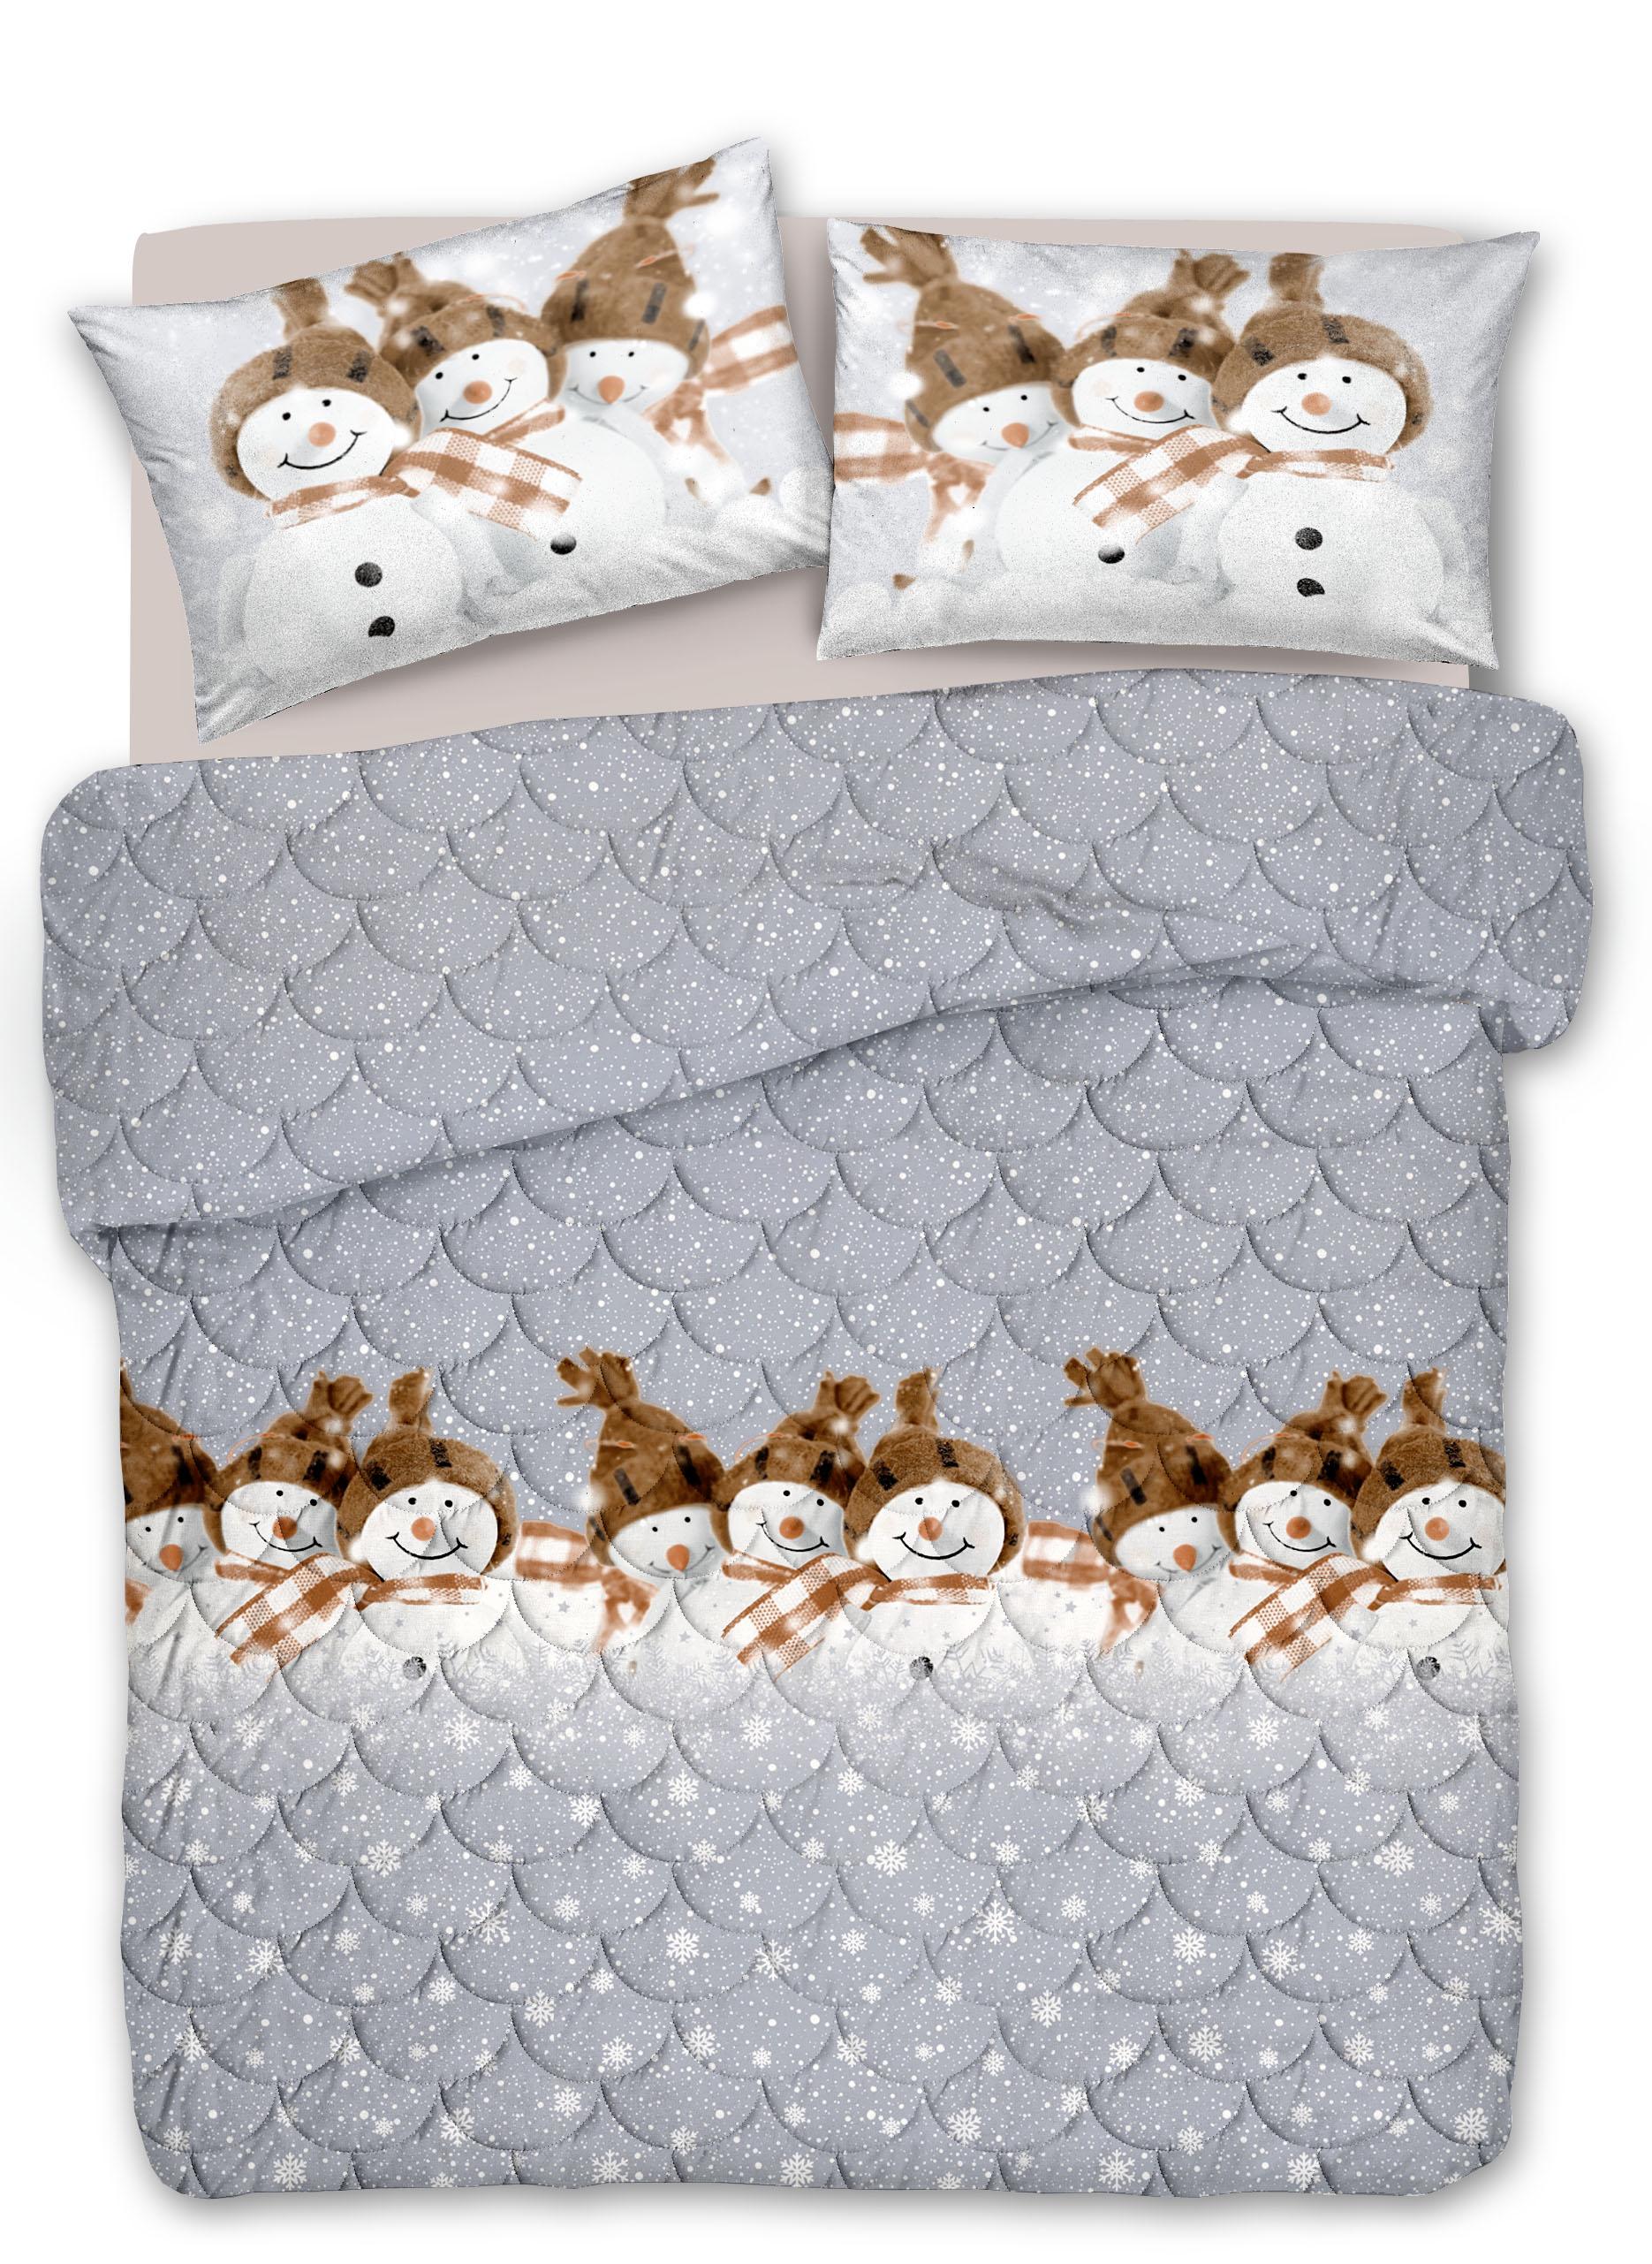 Trapunta Invernale Cotone Snowoman